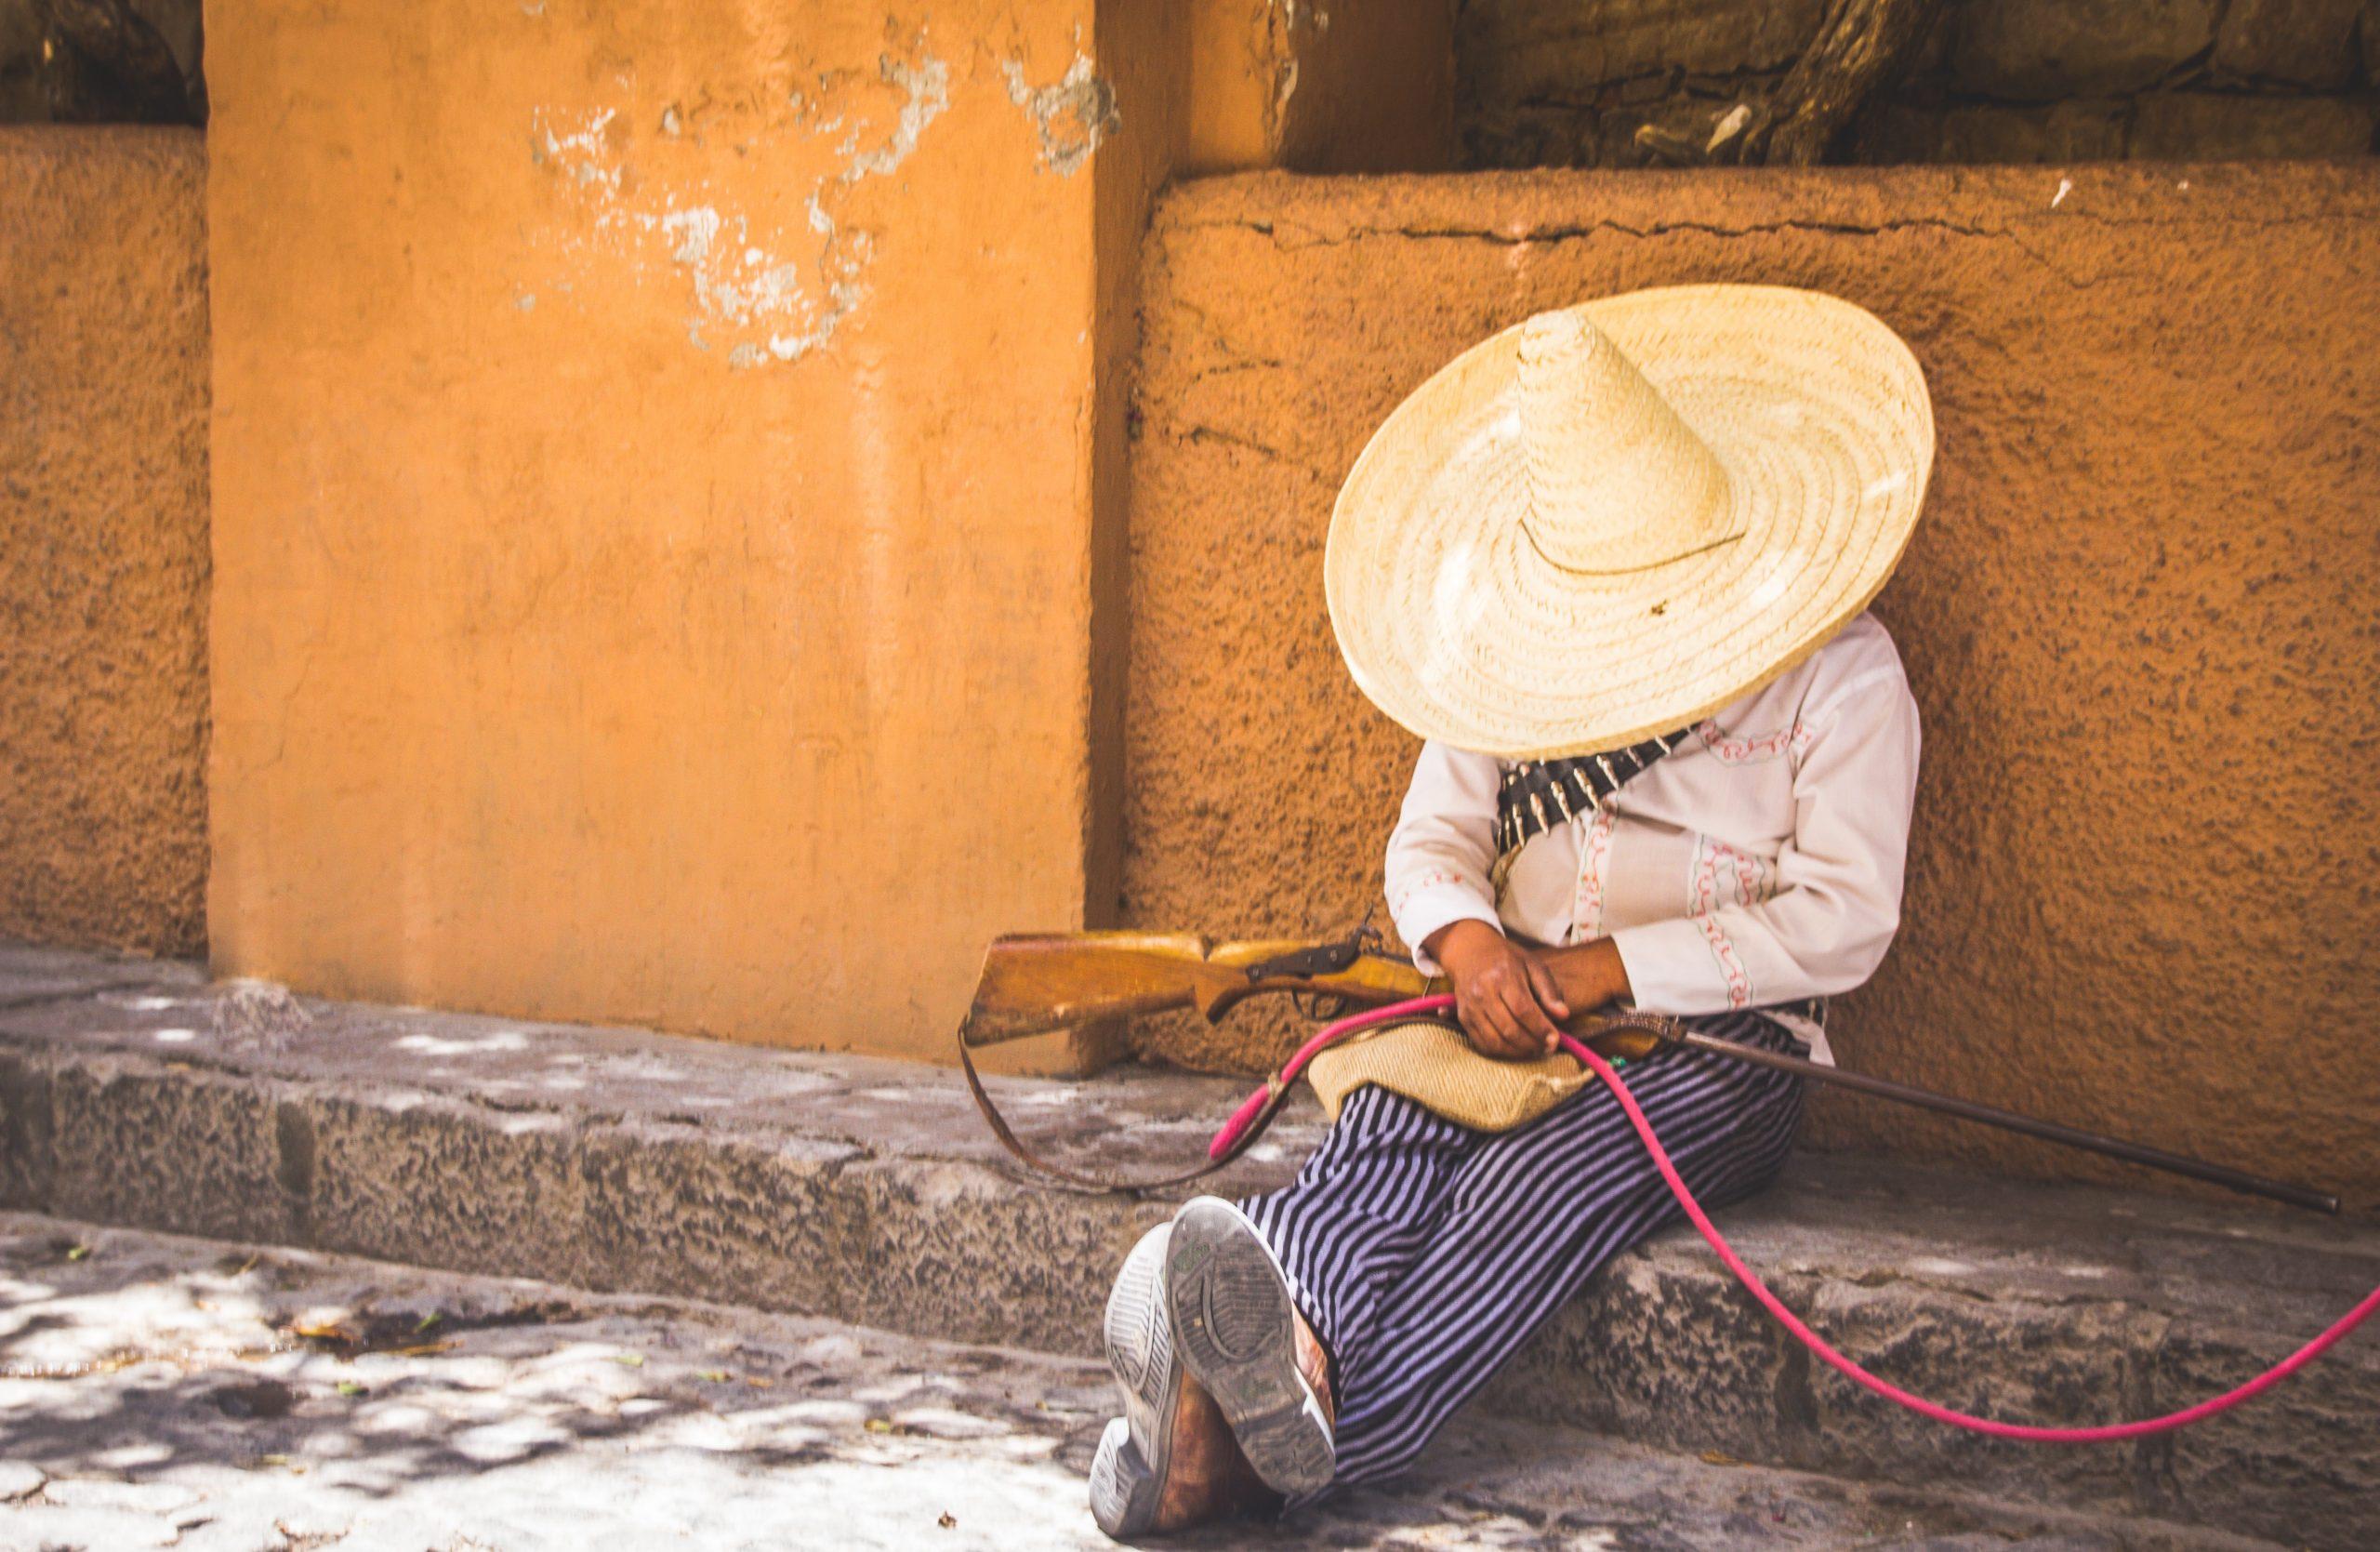 Mexičan v klobúku spí na ulici